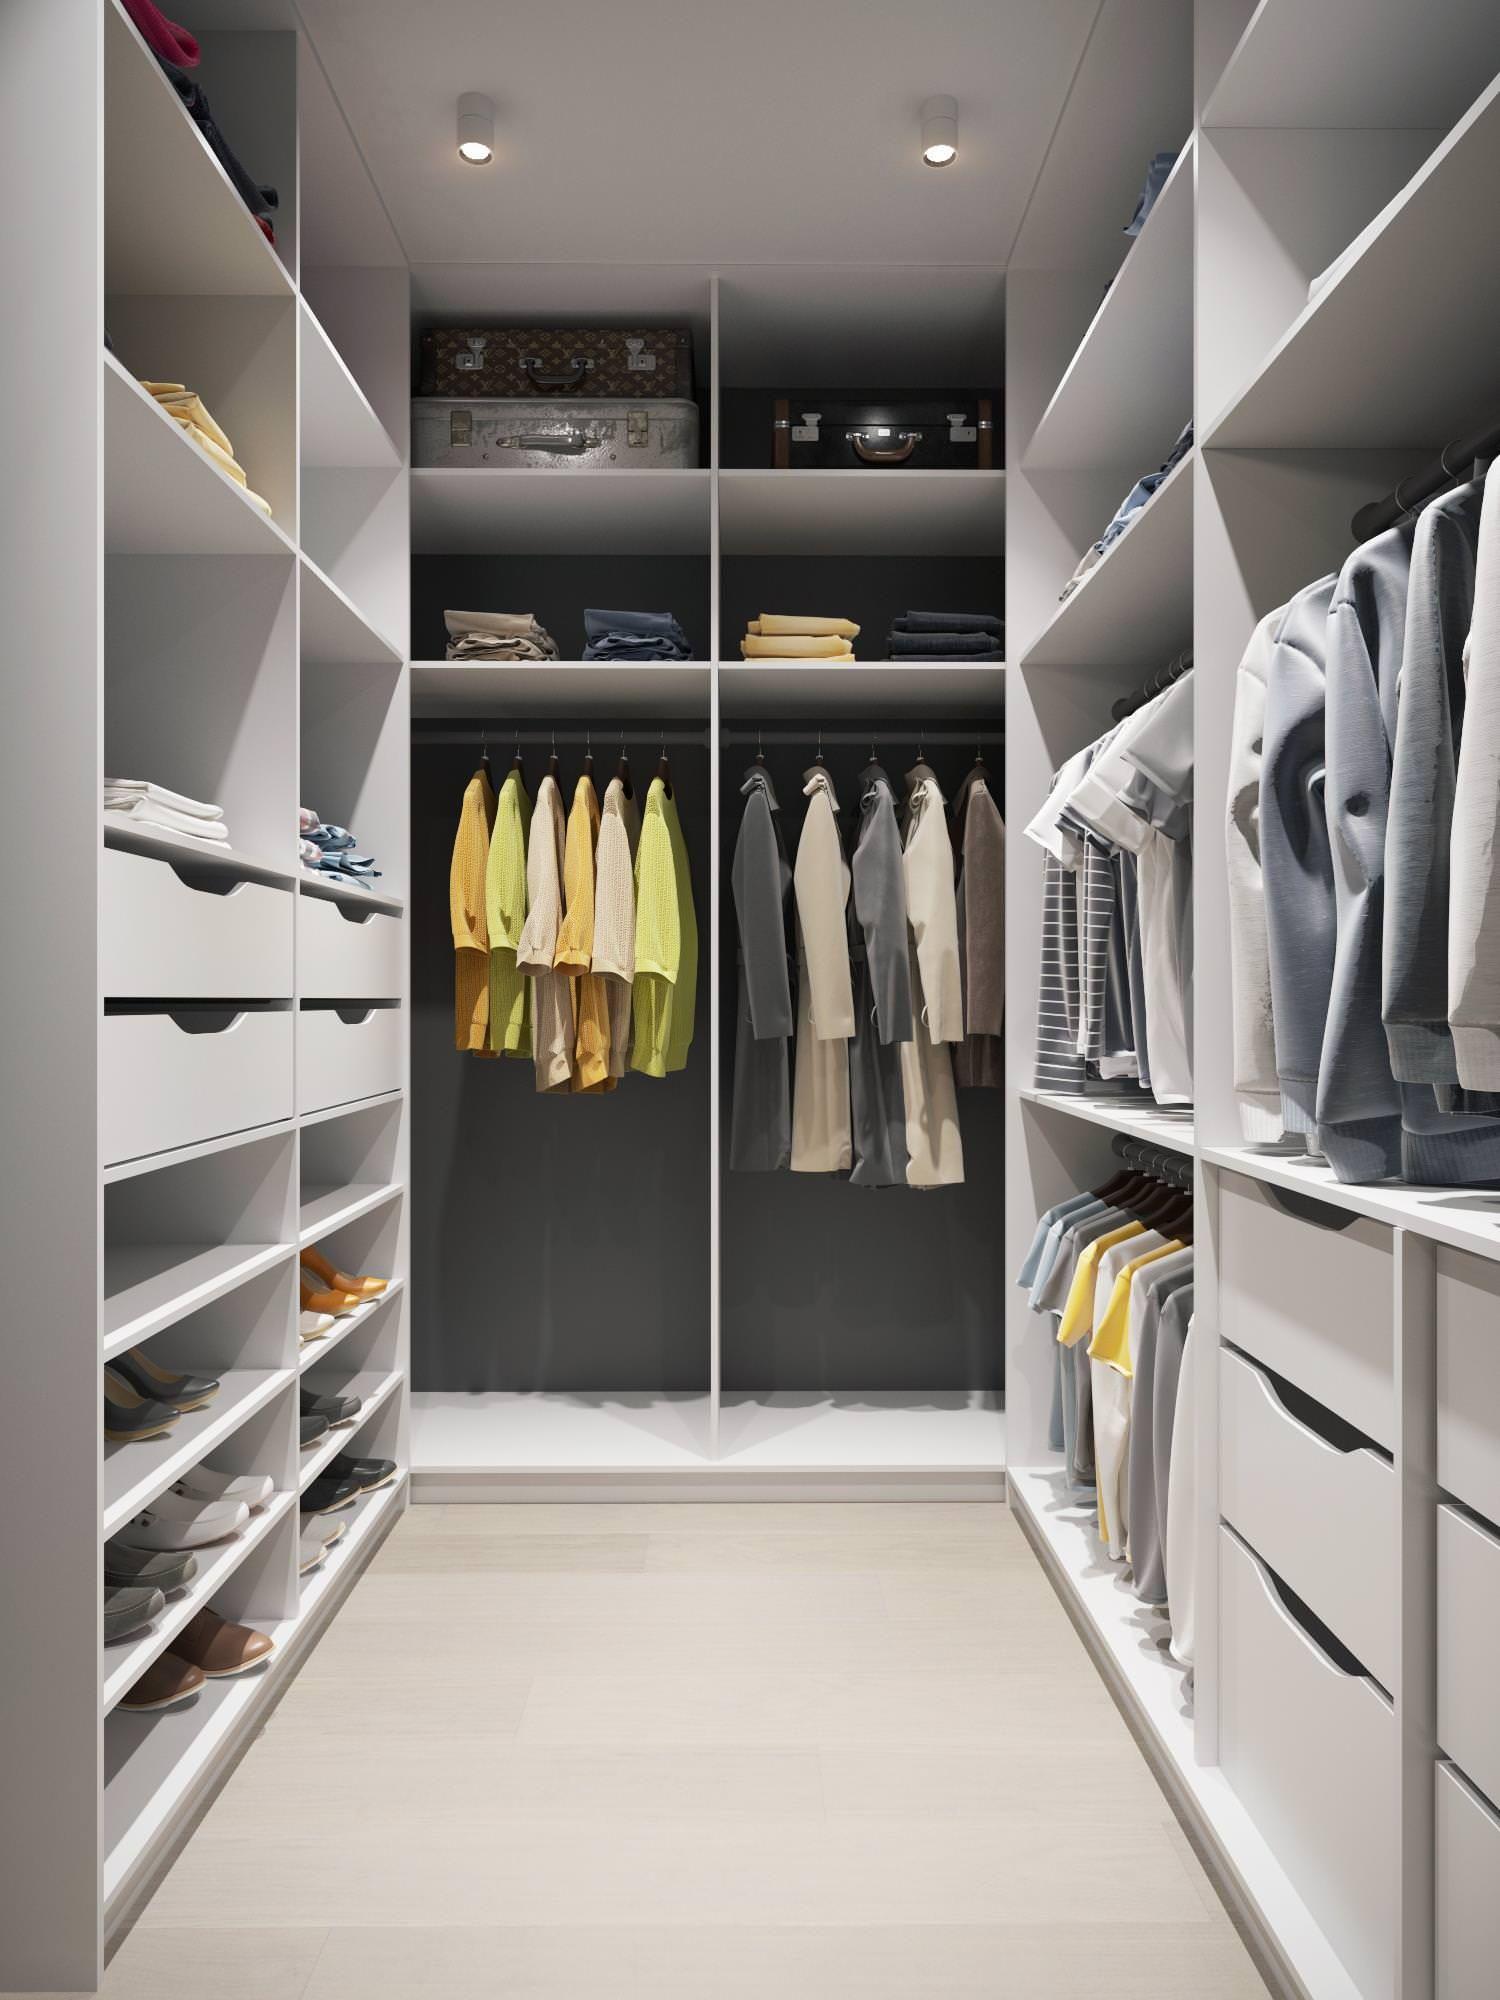 фото гардеробных комнат в квартире заранее, это отличный